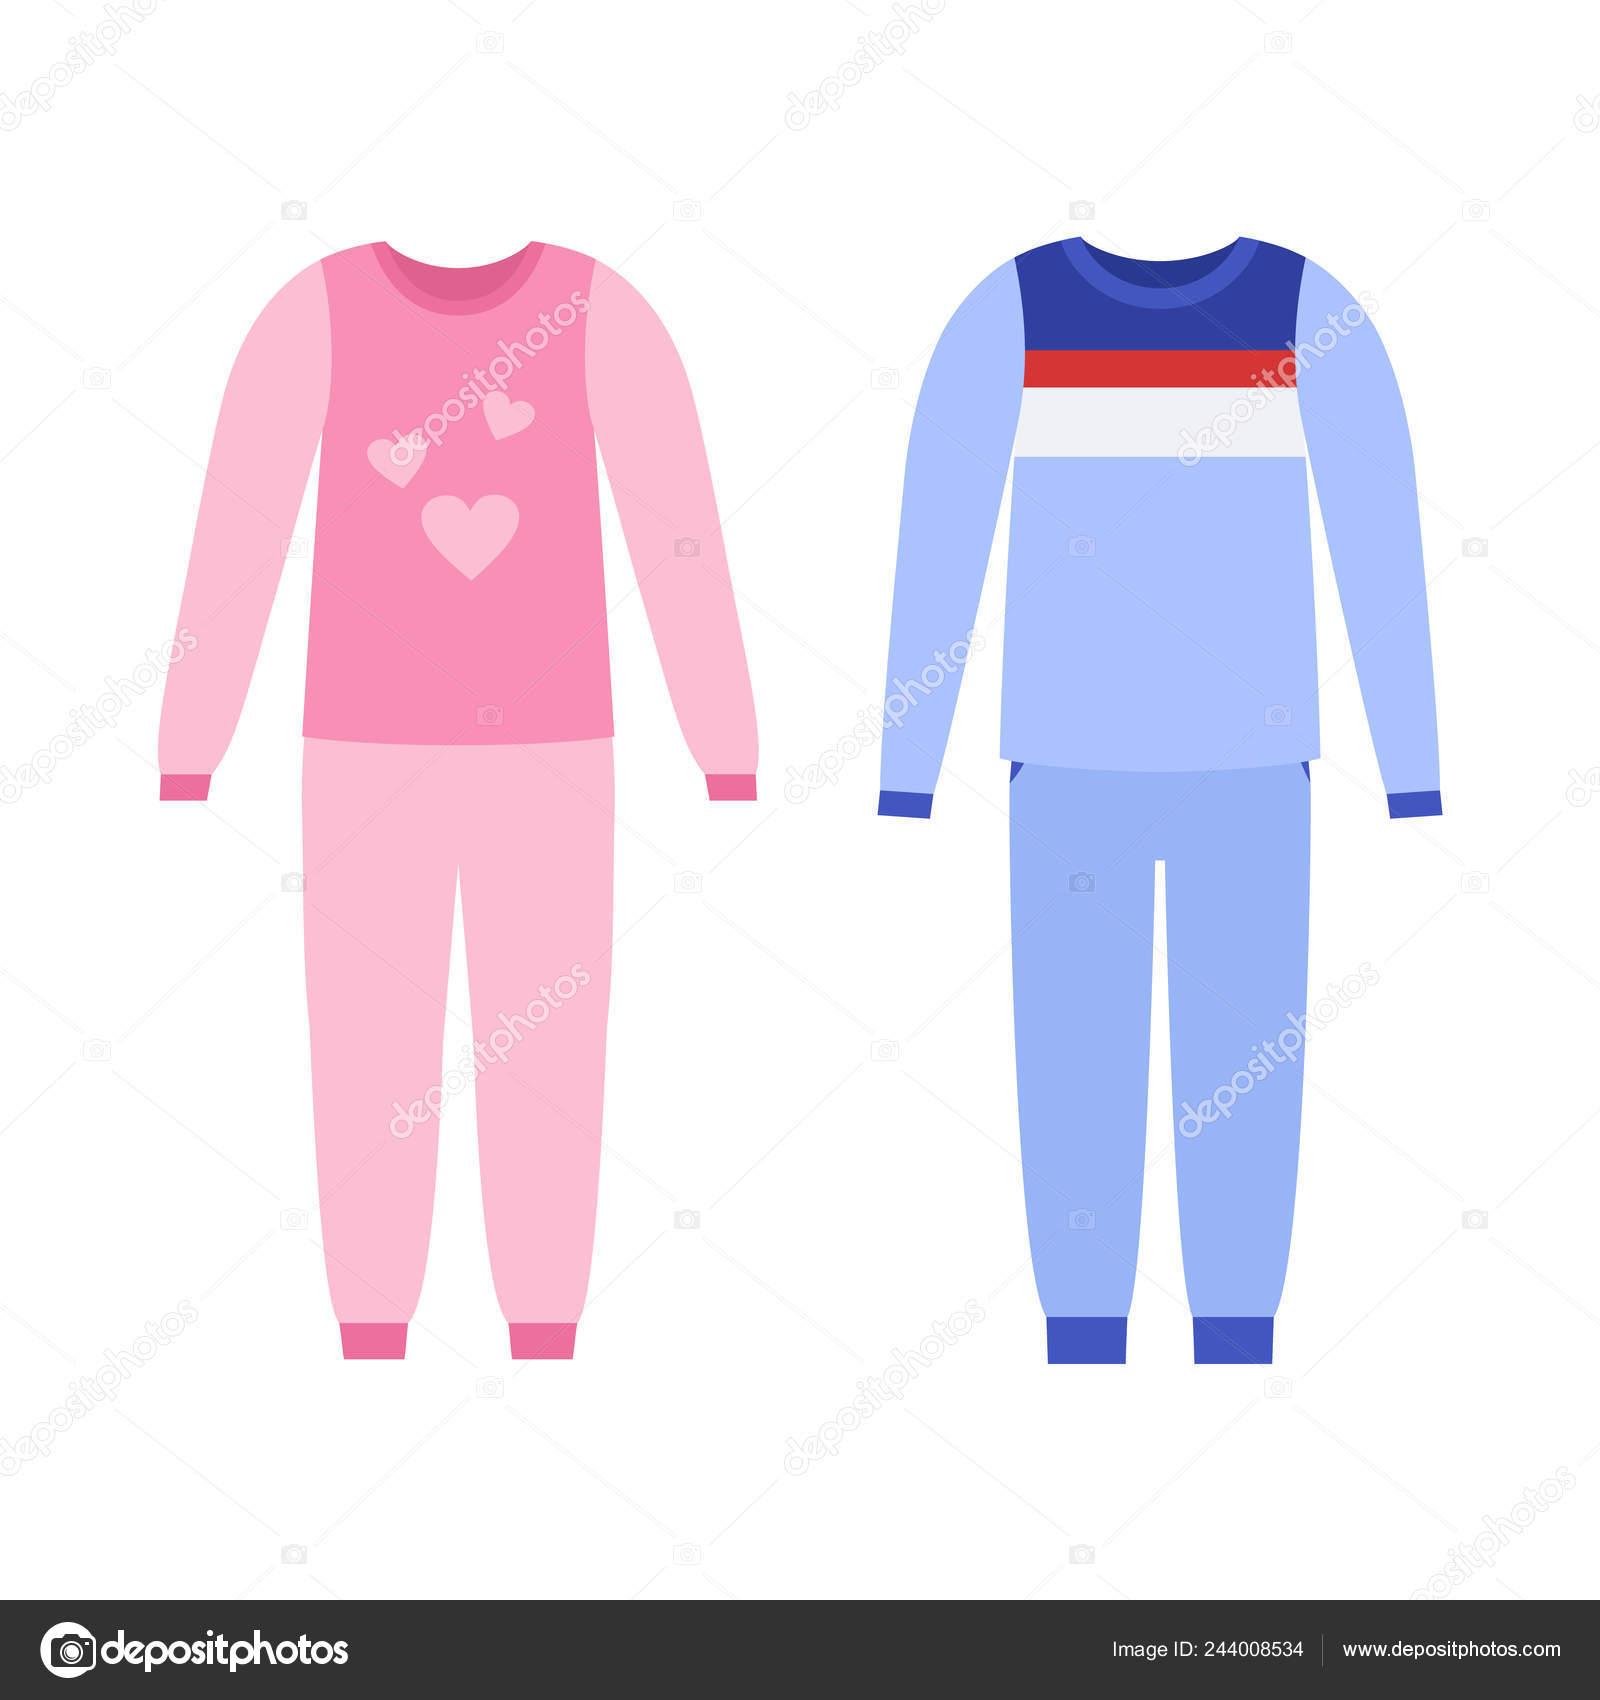 3fc0e84f209a Pijama para niña, niño. Vector. Camisa de dormir del bebé. Ropa de dormir  aislado en blanco en diseño plano. Iconos de ropa de noche.